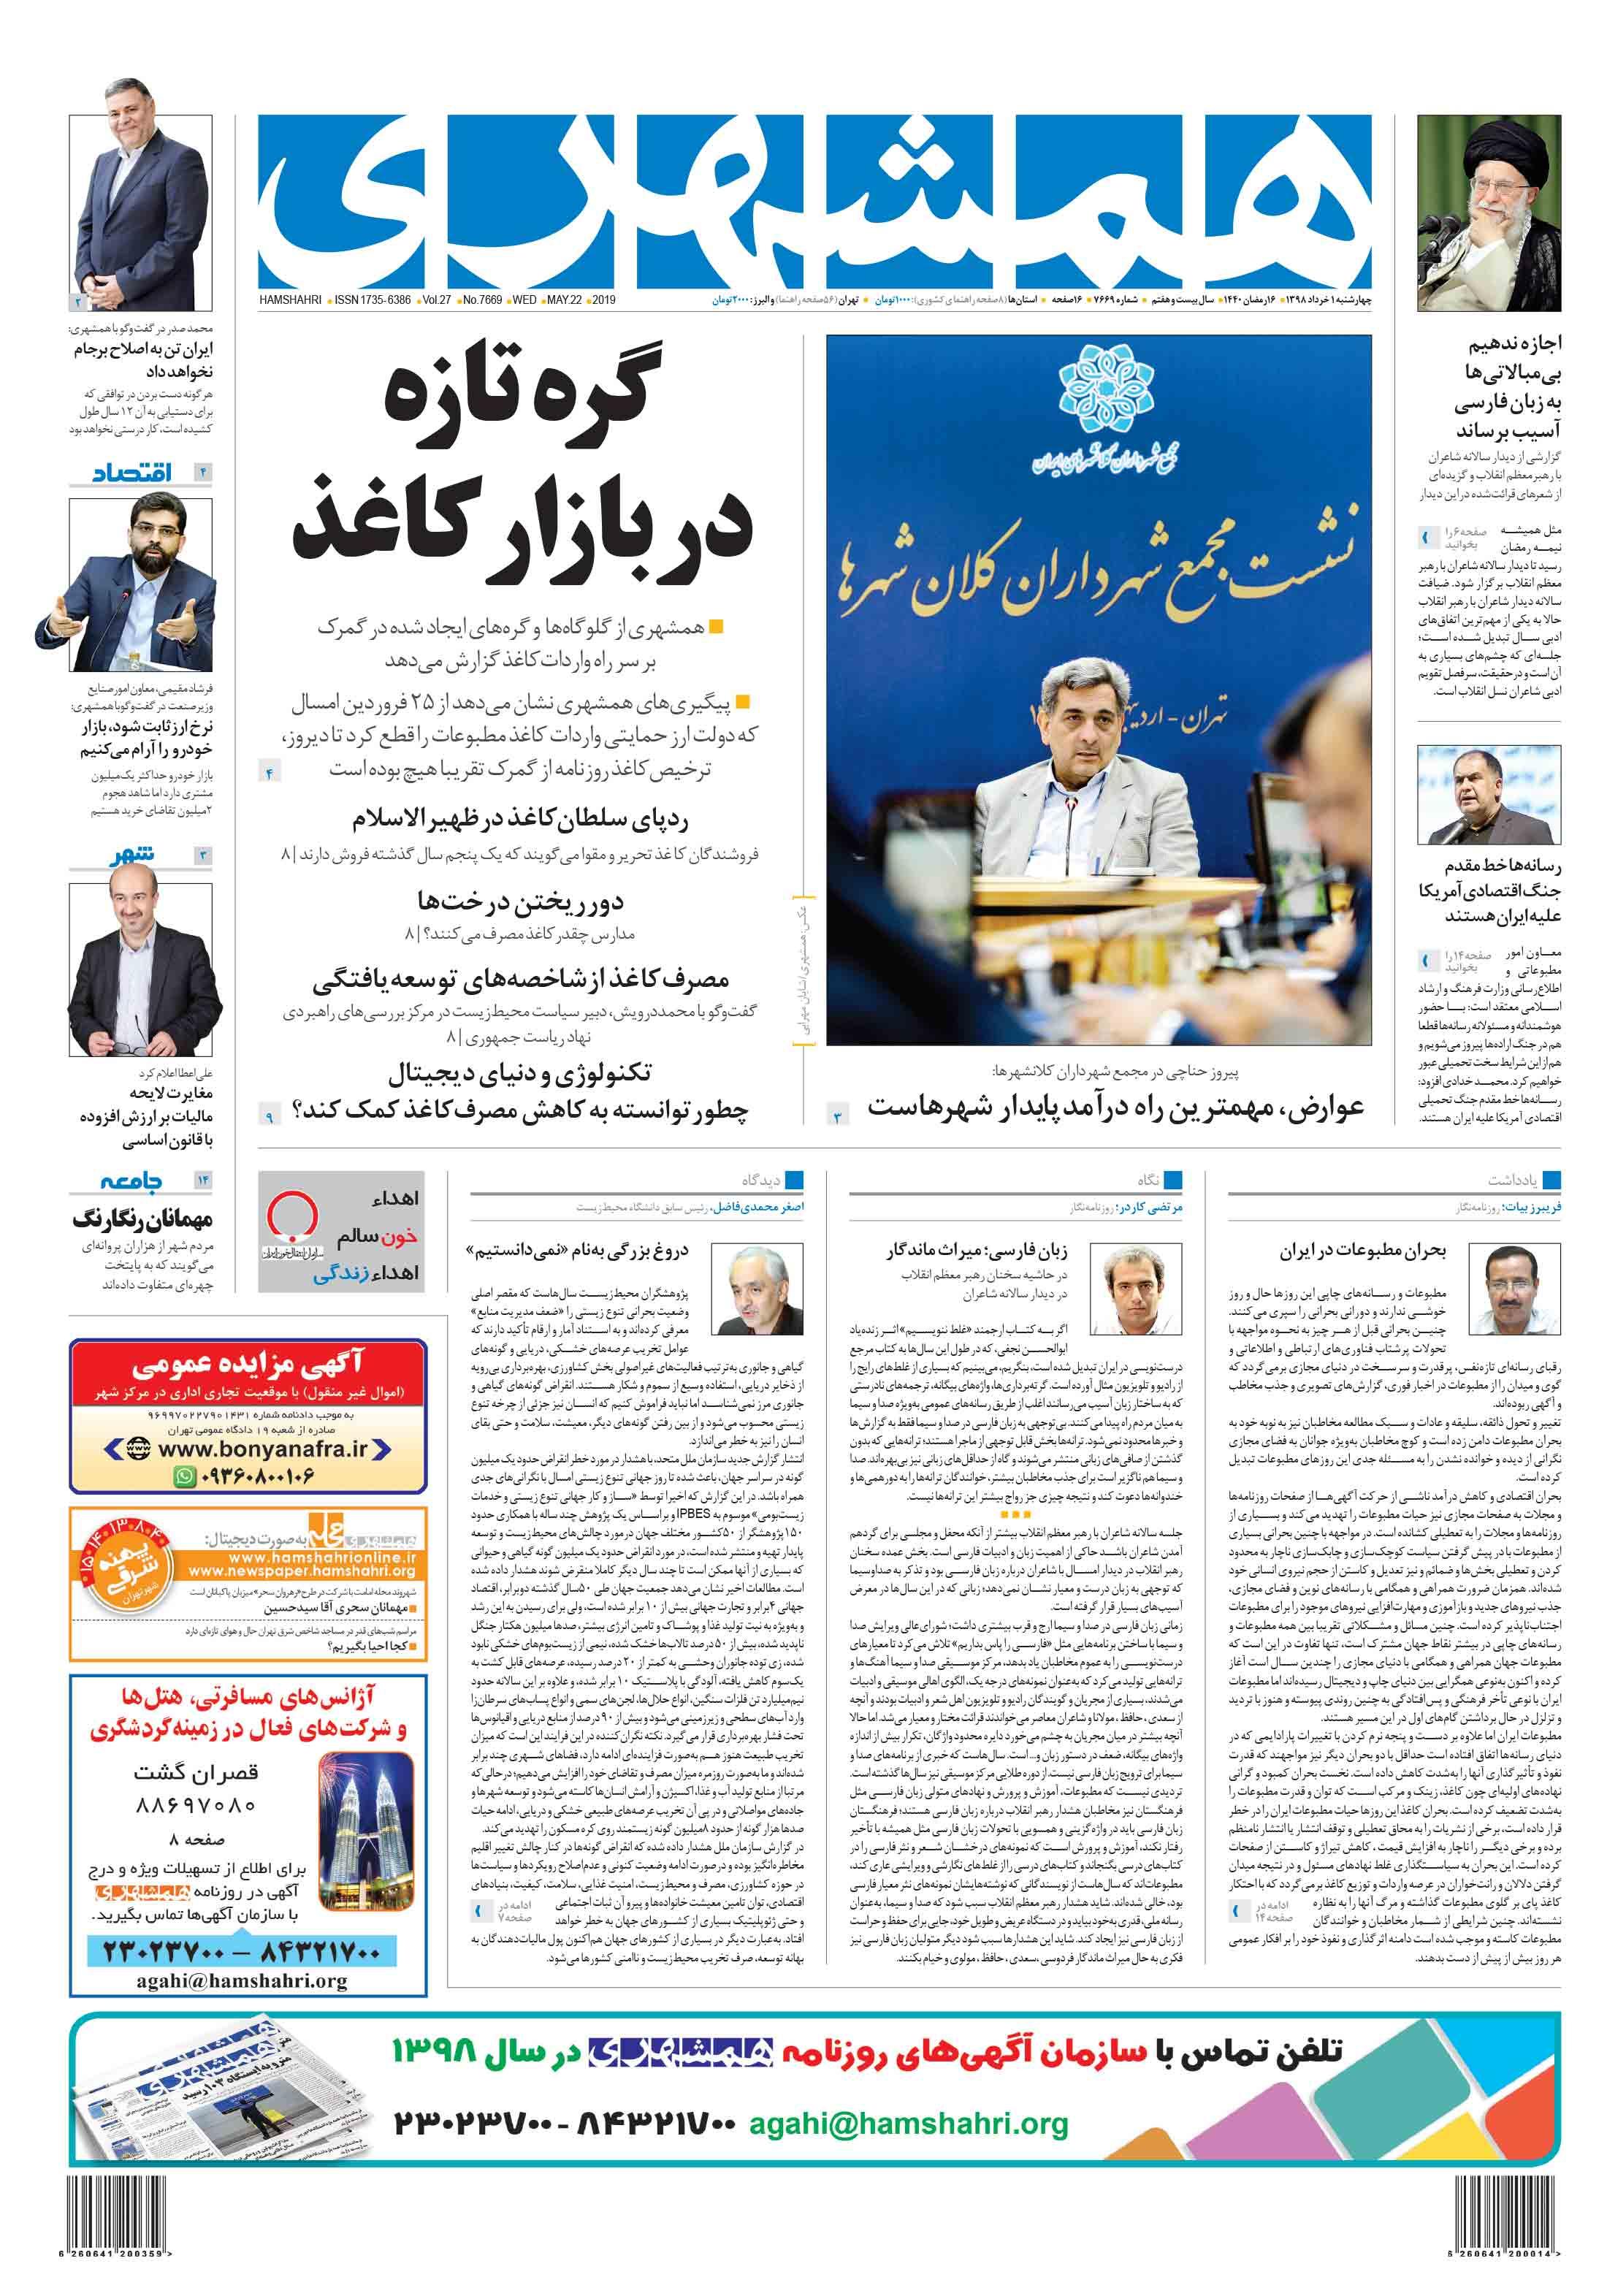 صفحه اول چهارشنبه 1 خرداد 1398